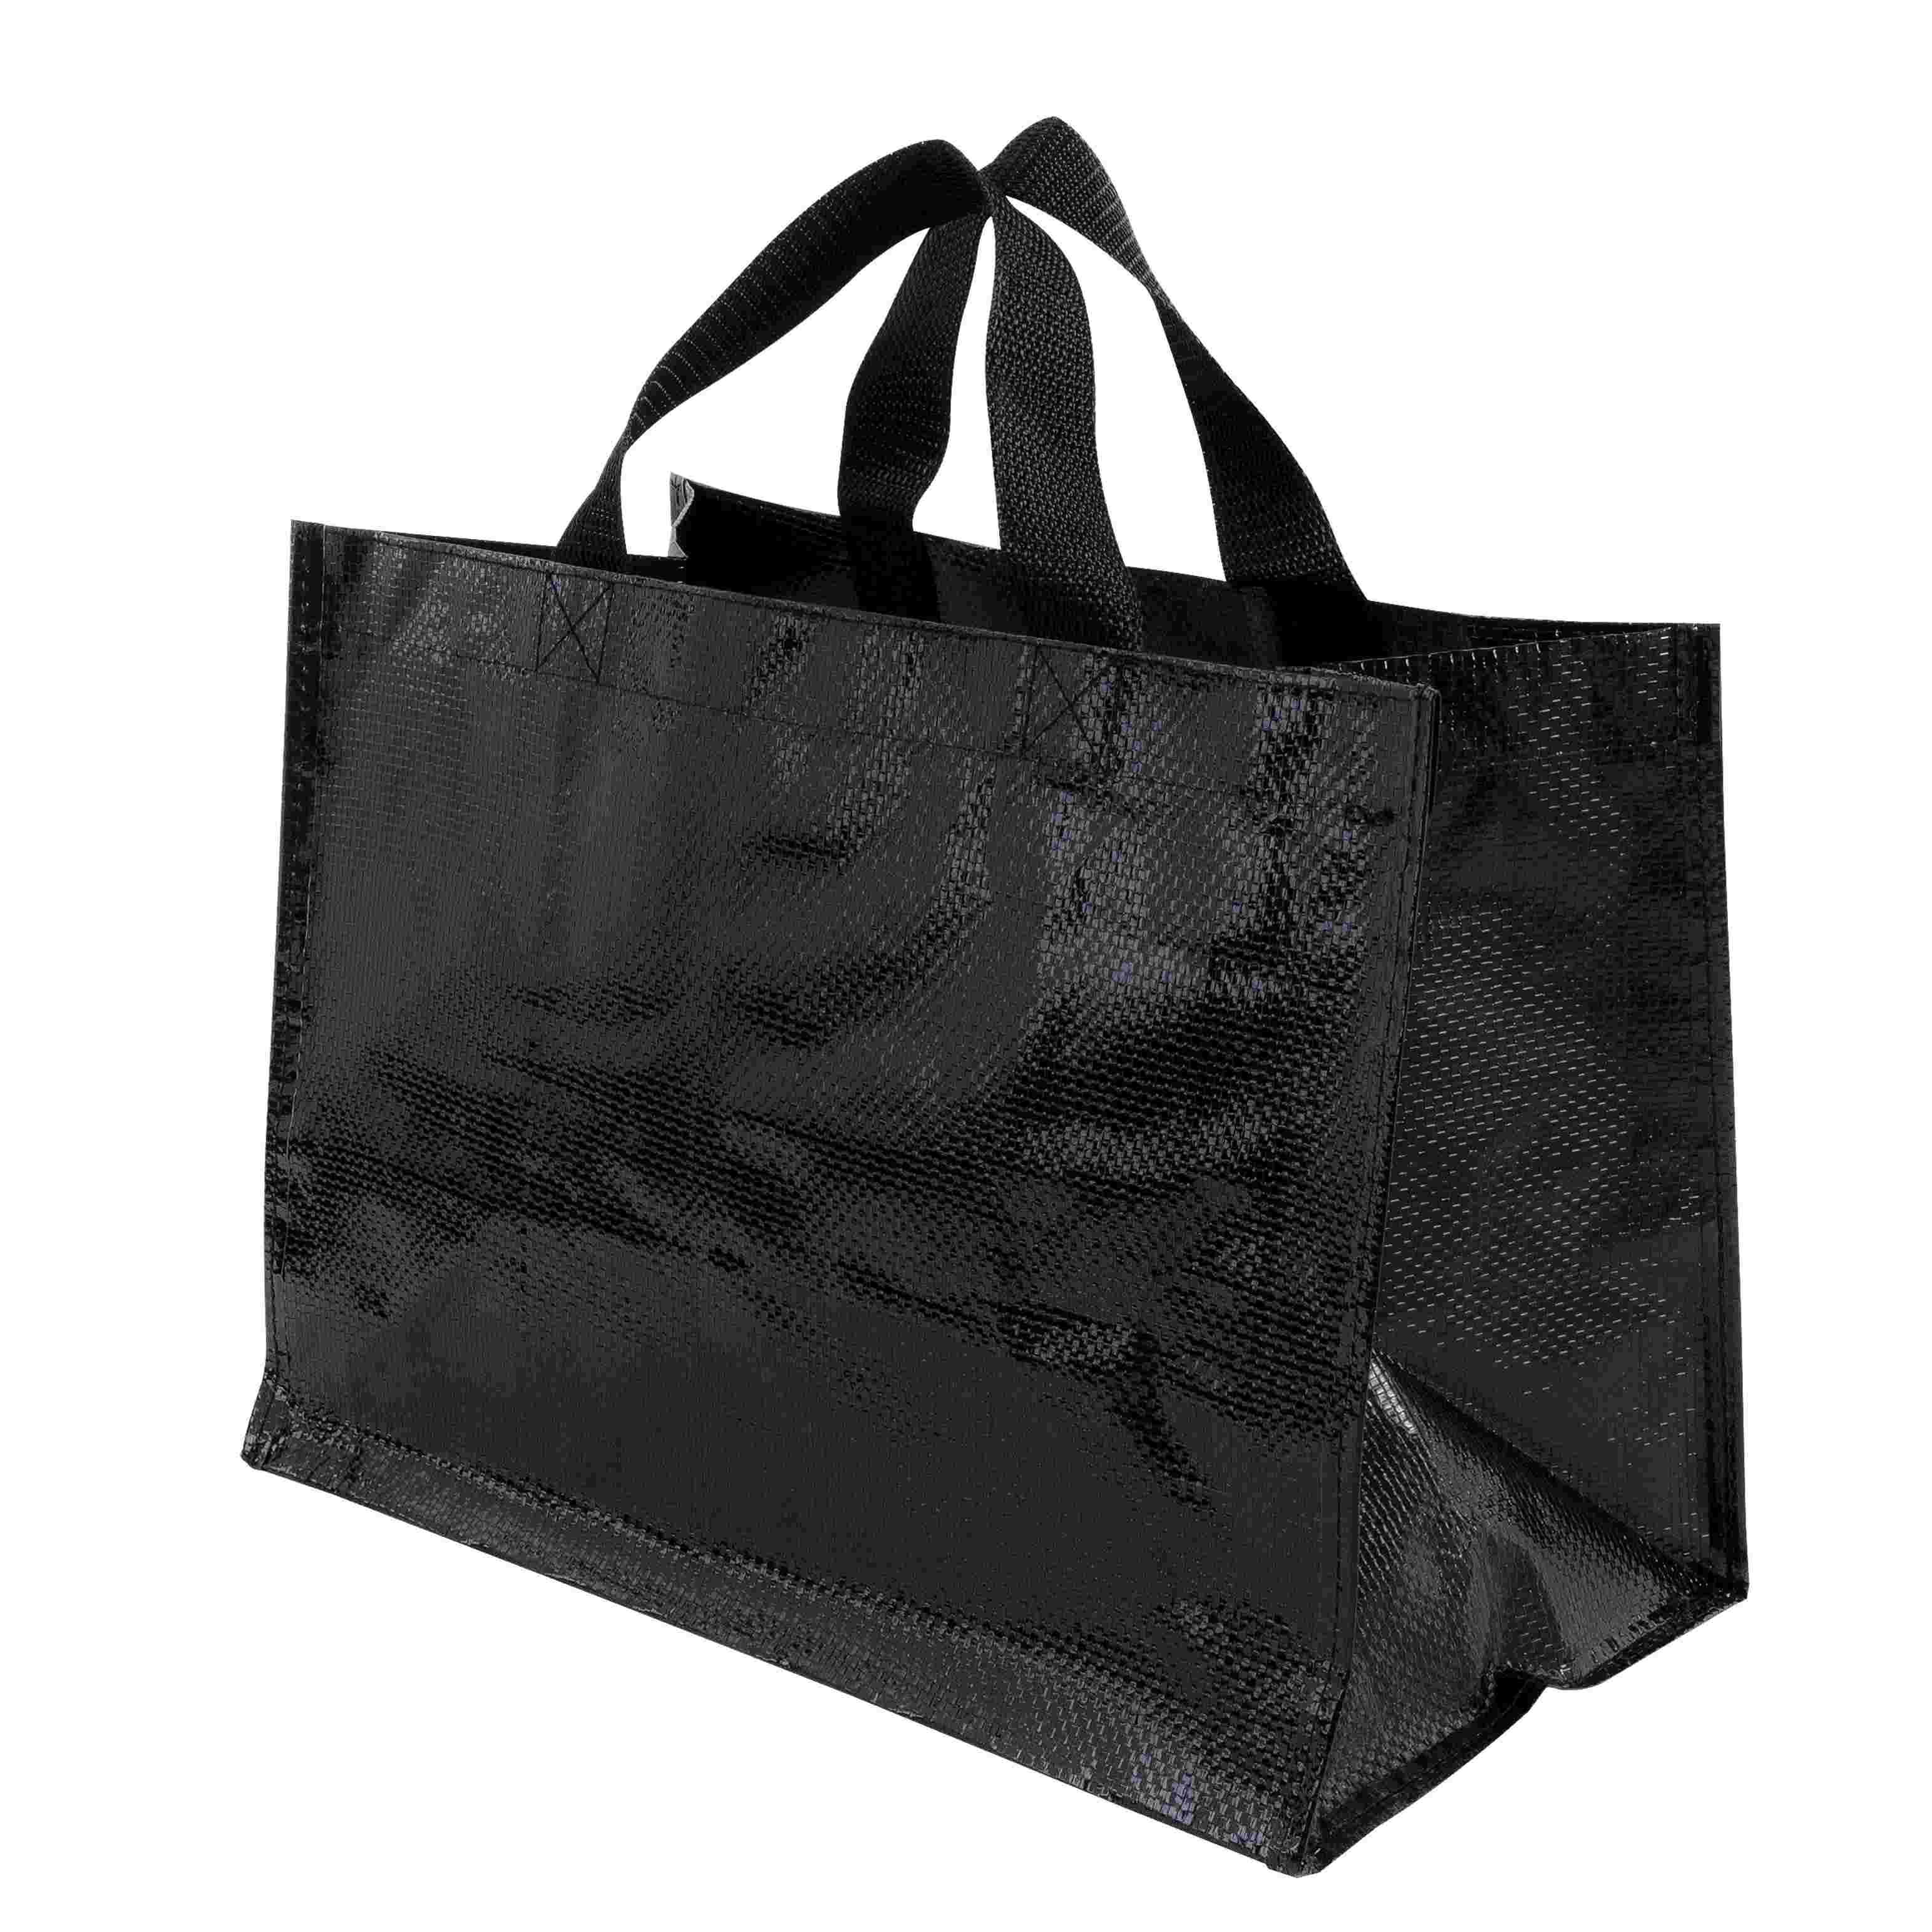 Sac shopping publicitaire PP tissé Horizon - Cadeau publicitaire - noir